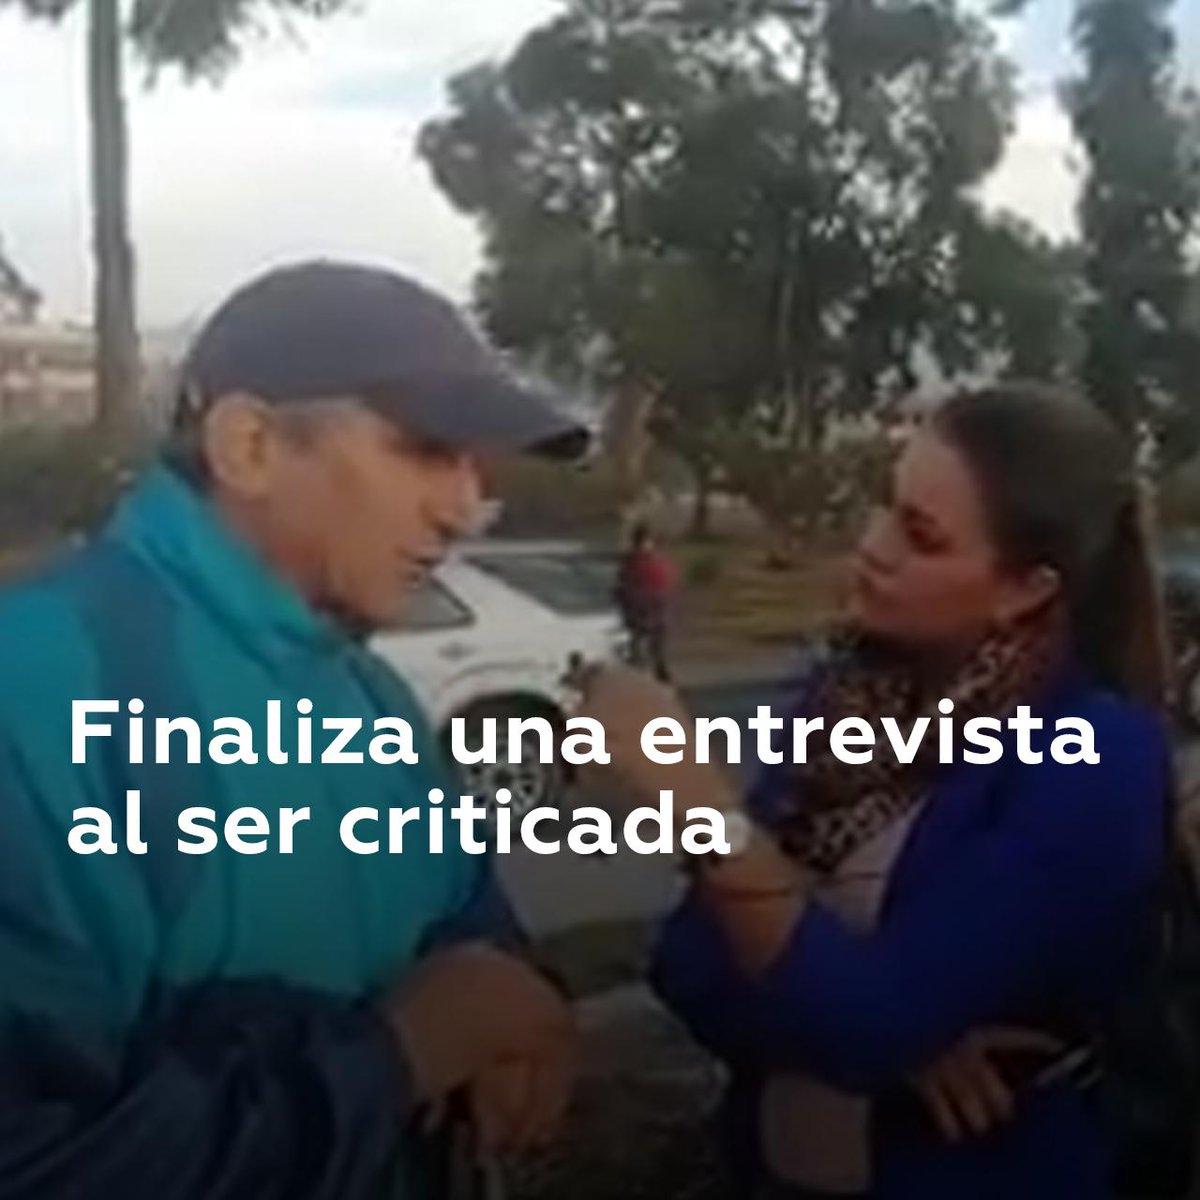 Una reportera de Ecuador TV puso fin a una entrevista después de que el entrevistado se quejara de que lo interrumpía con preguntas y no le dejaba terminar sus frases. ¿Qué les parecen la entrevista y las respuestas?